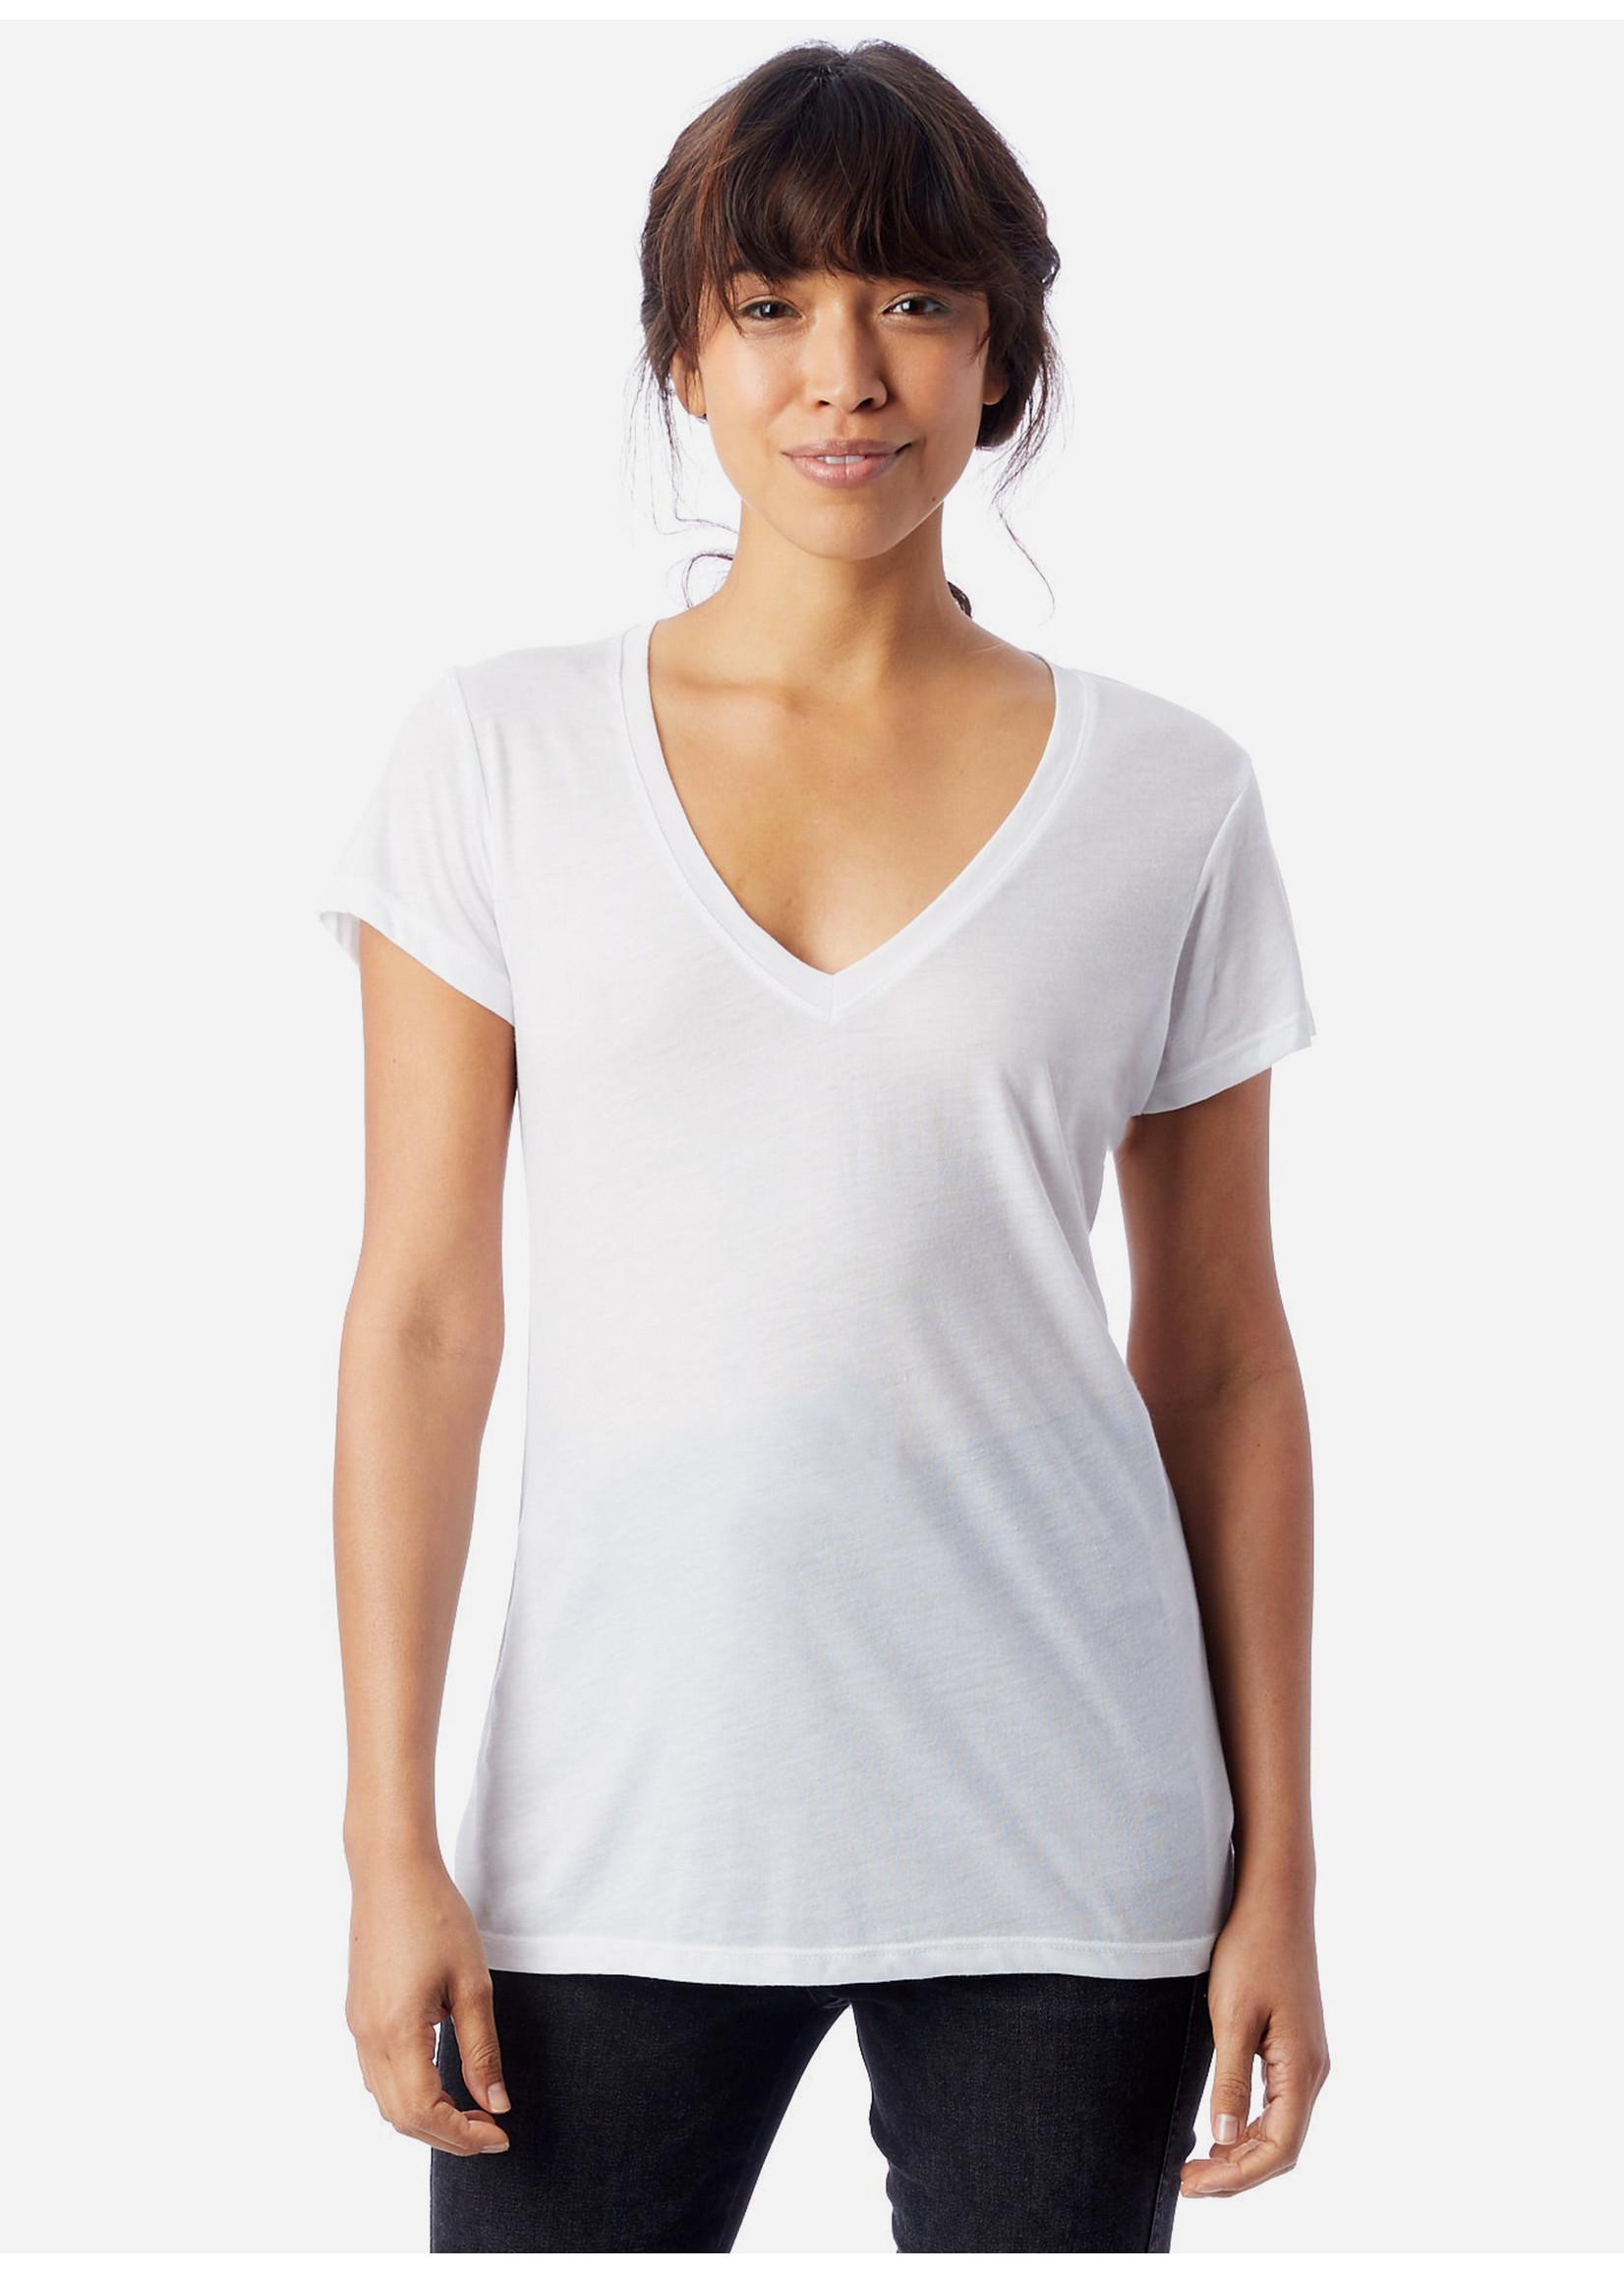 Alternative V-neck white